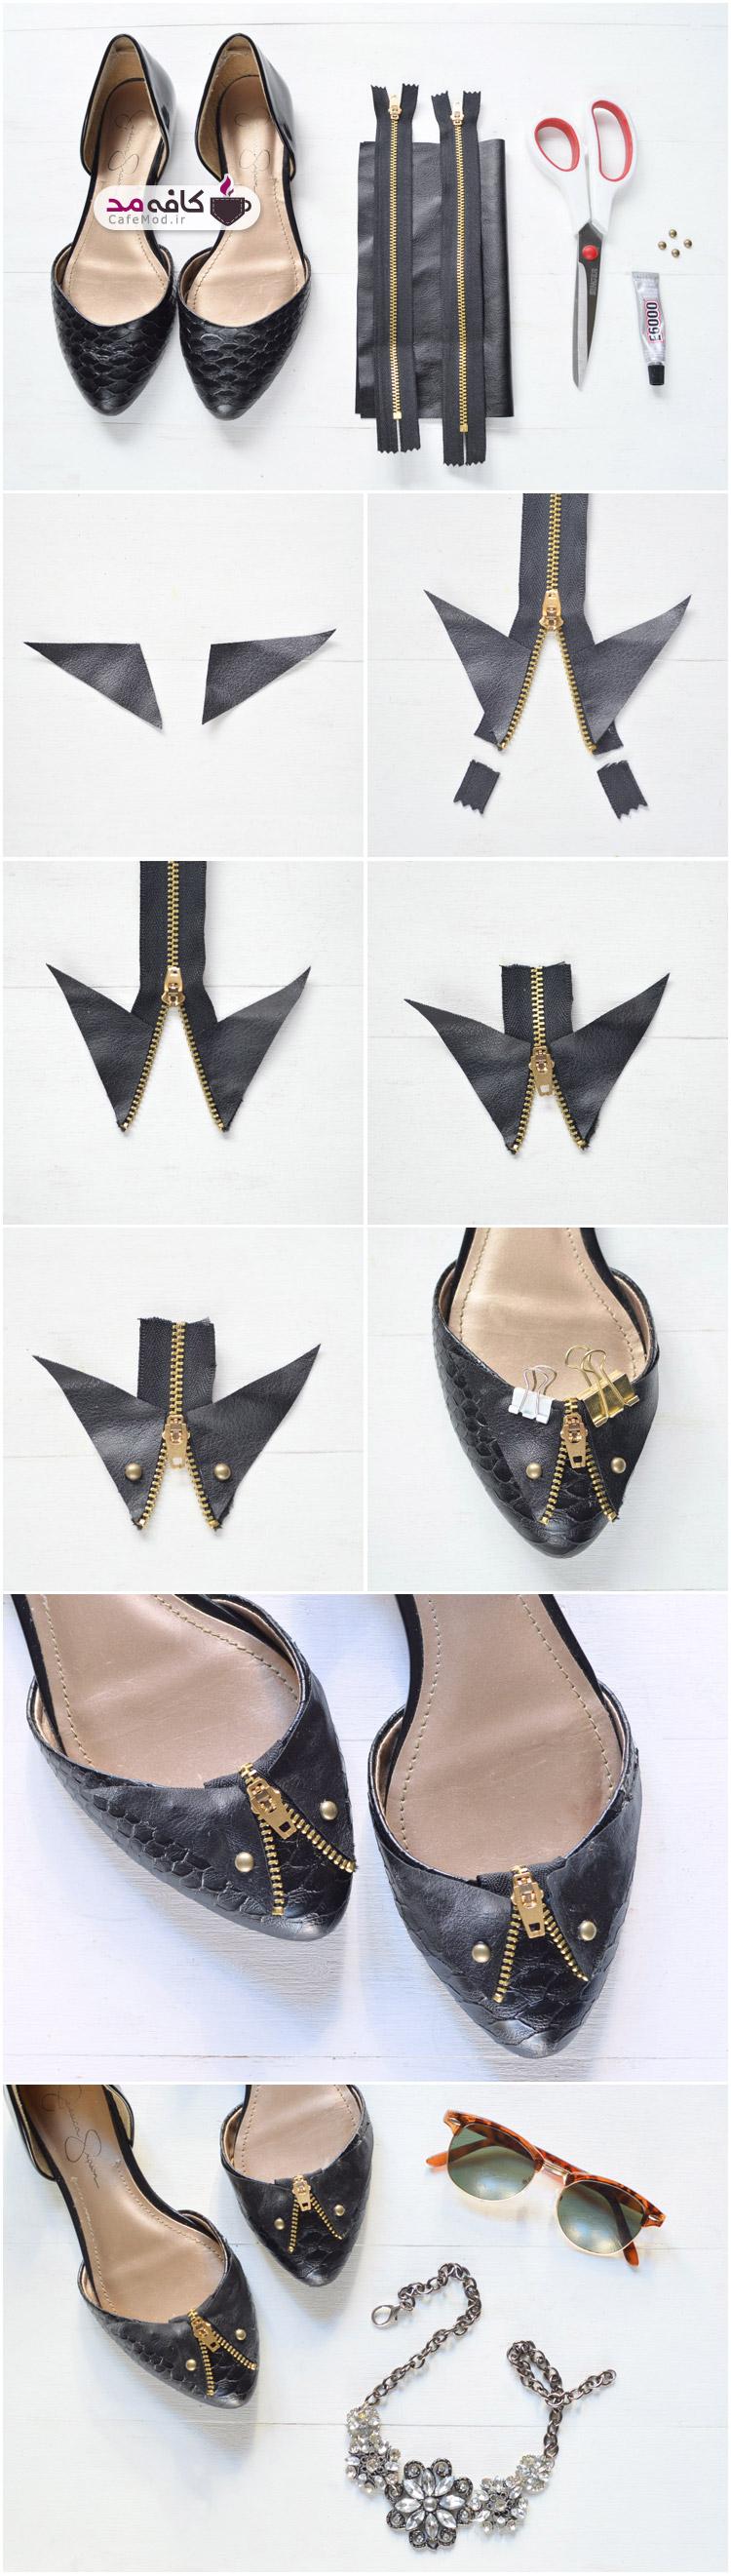 کفش با تزئین زیپ